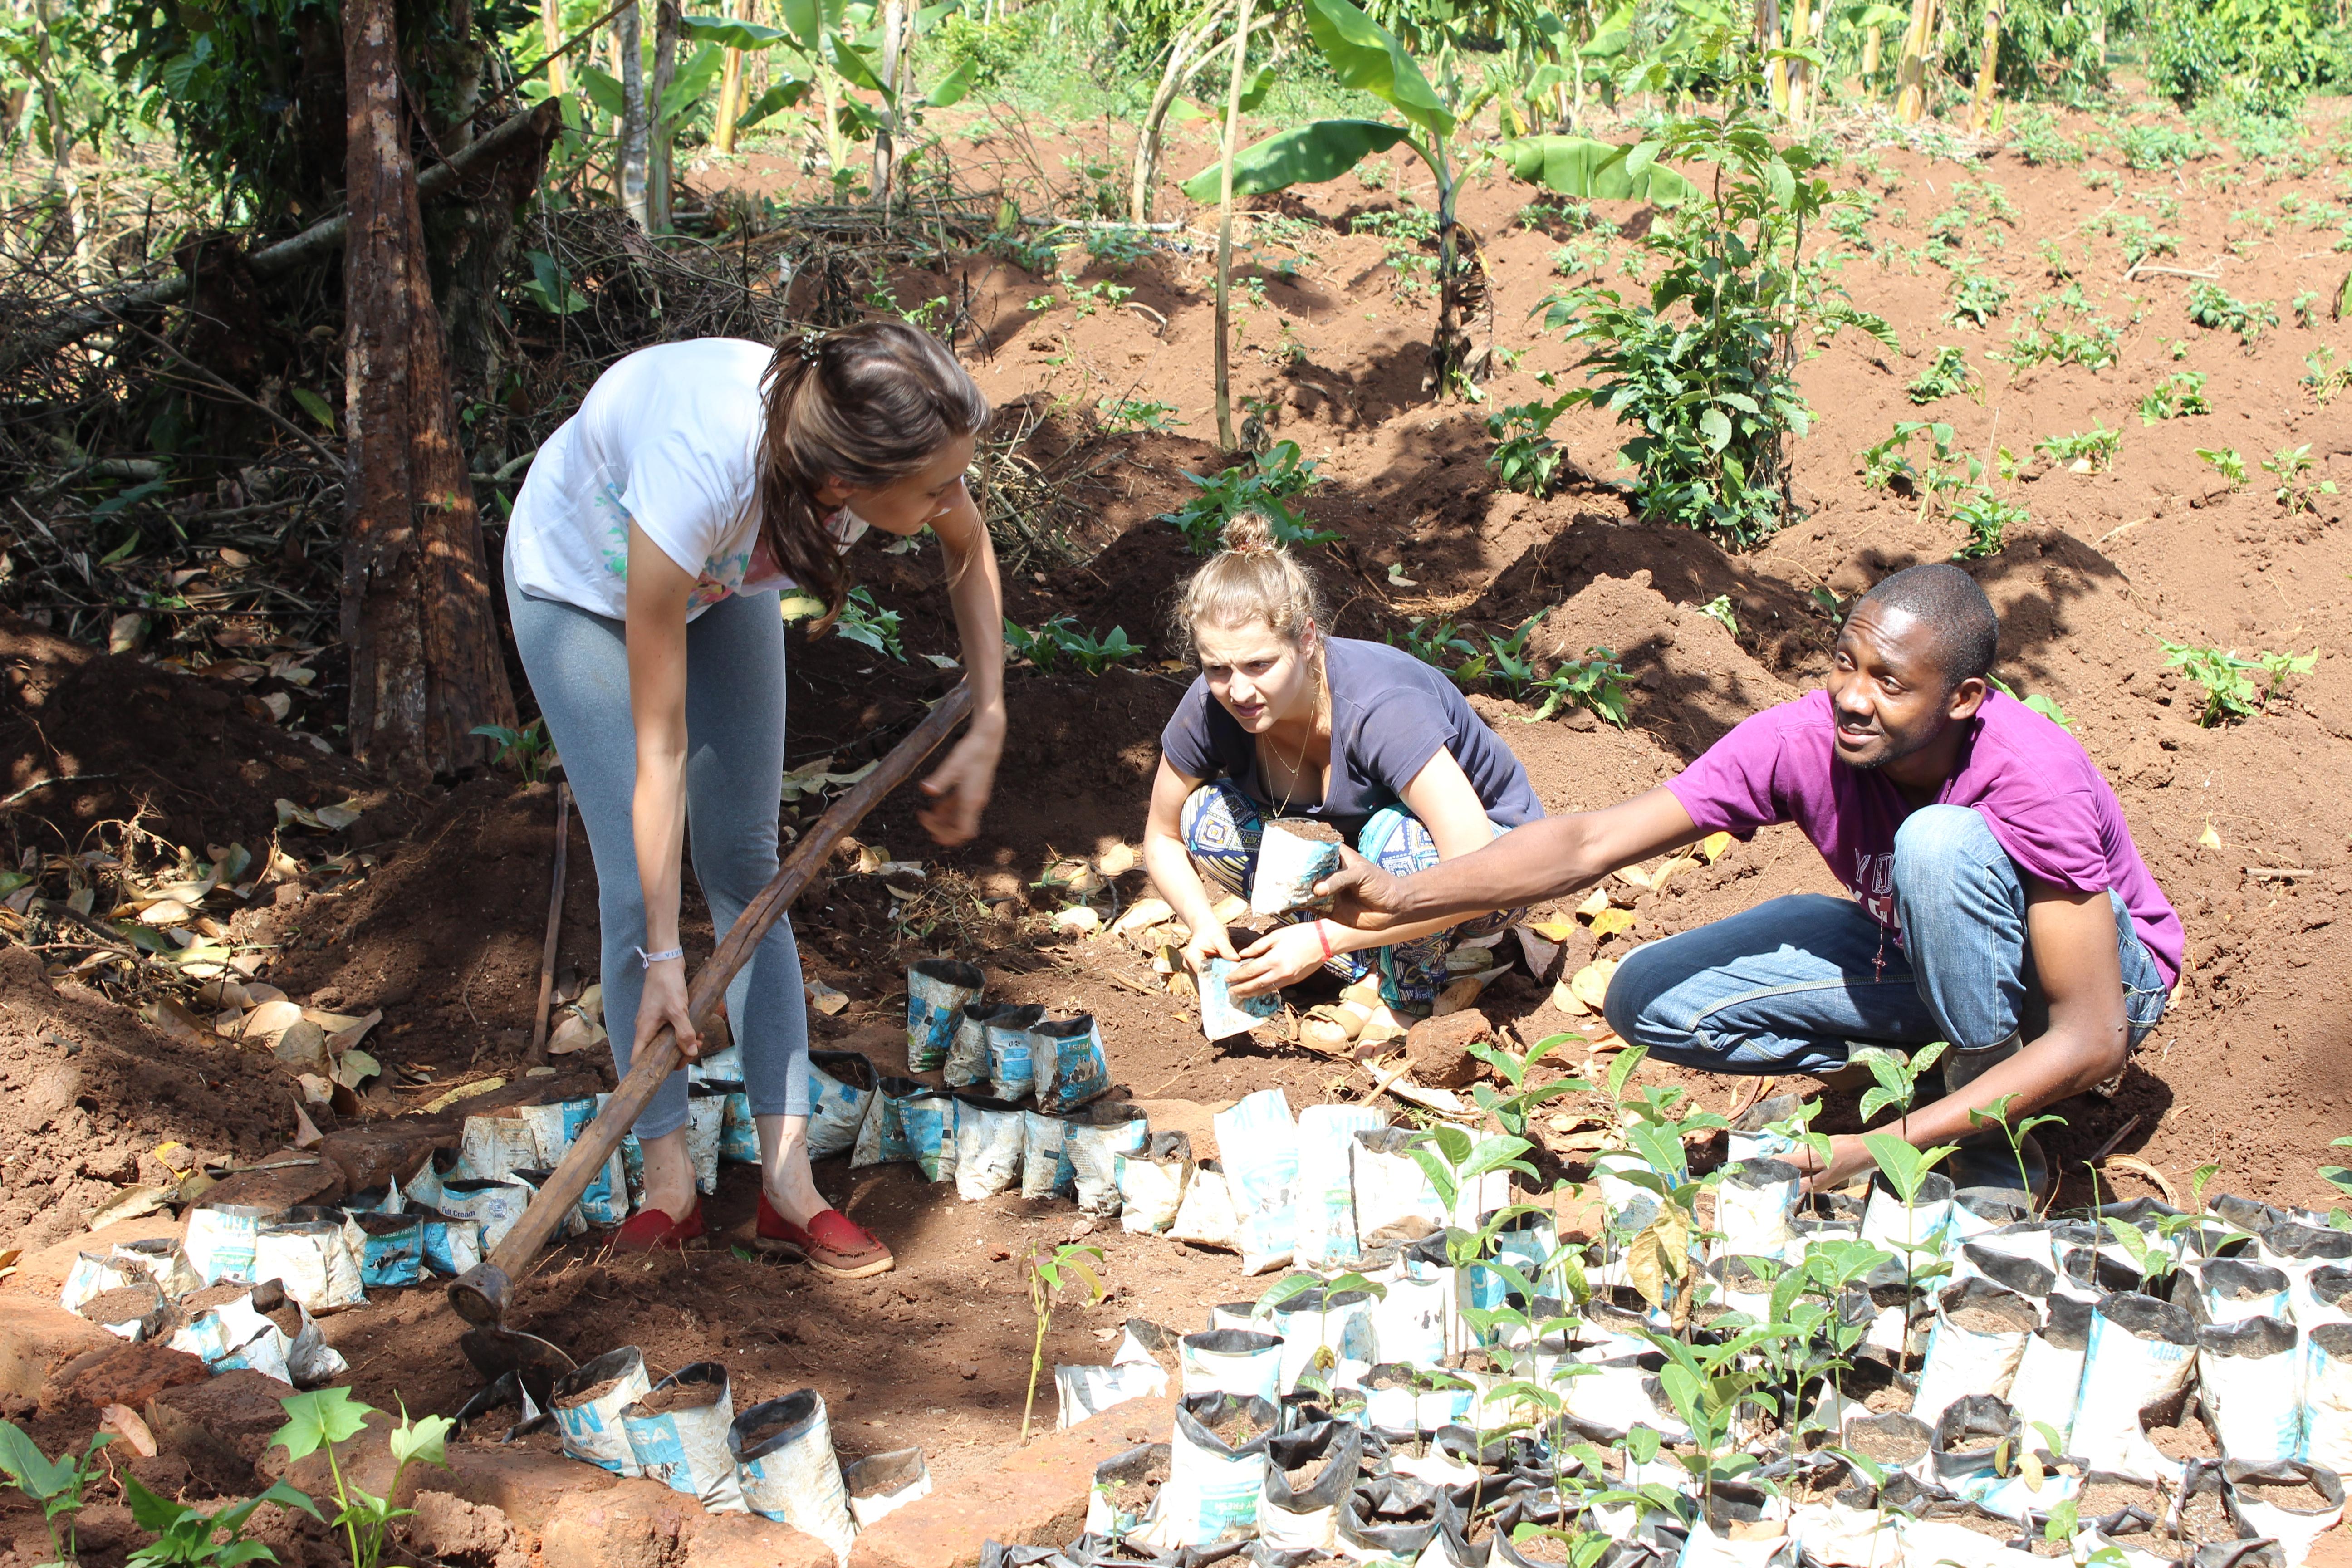 Charles Batte durante treinamento para estudantes de escolas localizadas em zonas rurais, com mutirão para plantar mudas de árvores (Divulgação/Tree Adoption Uganda)